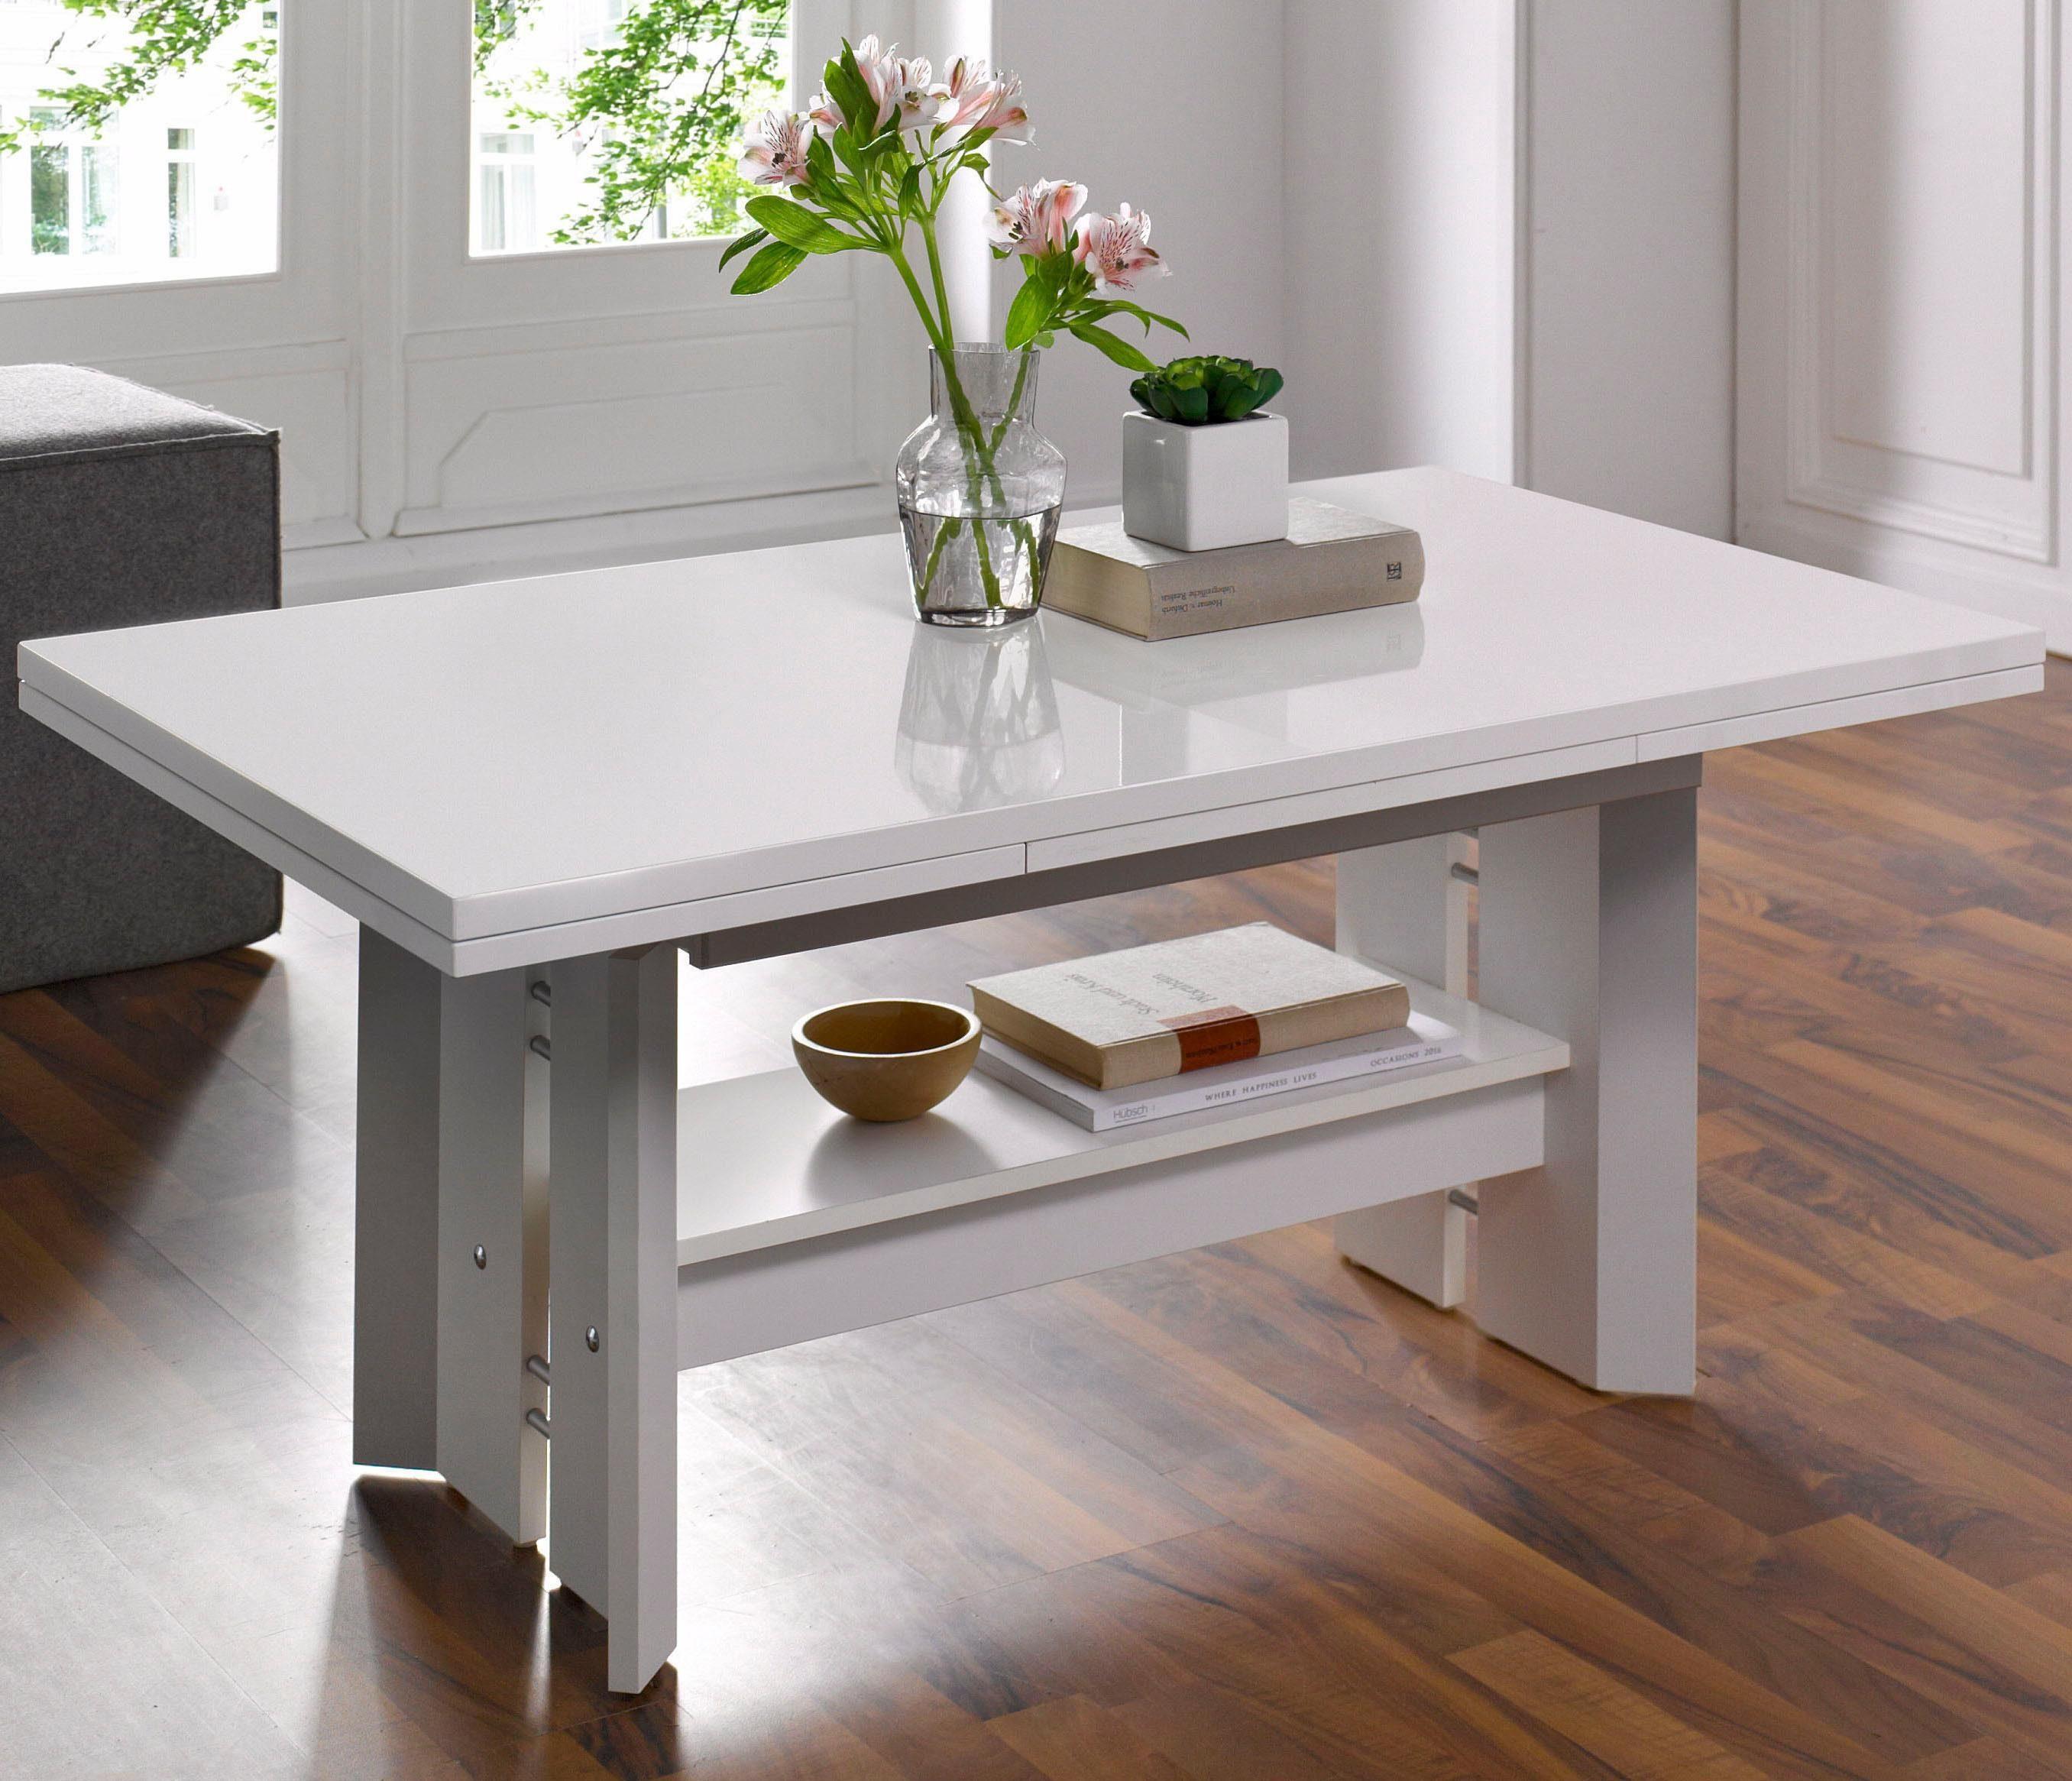 Ikea Couchtisch Ausziehbar Wohnzimmer Eiche Rustikal